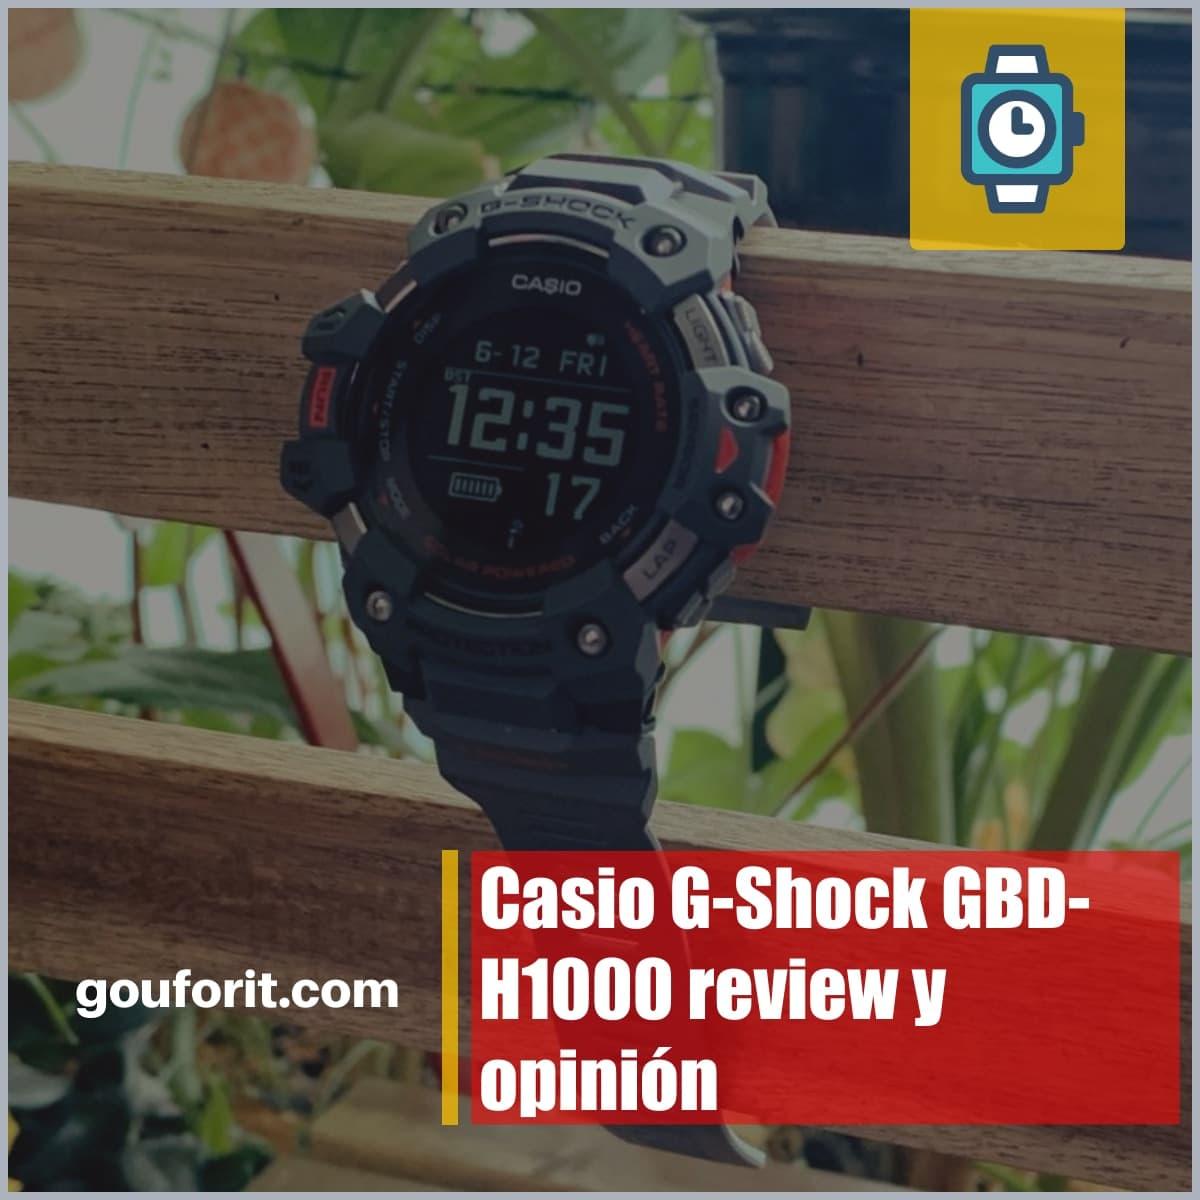 Casio G-Shock GBD-H1000 review y opinión